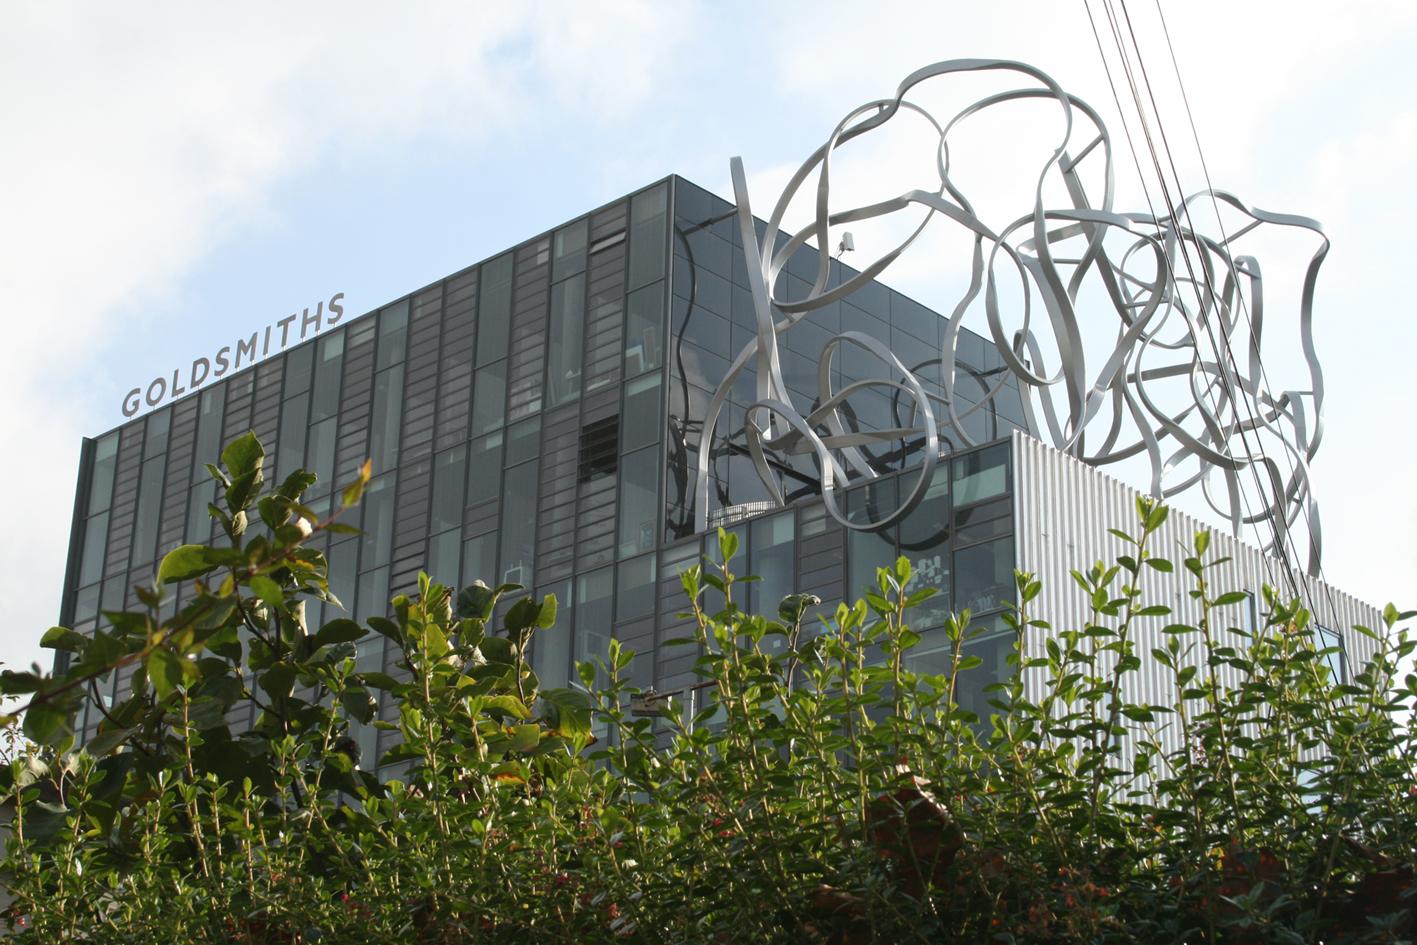 Goldsmiths Pimlott Building